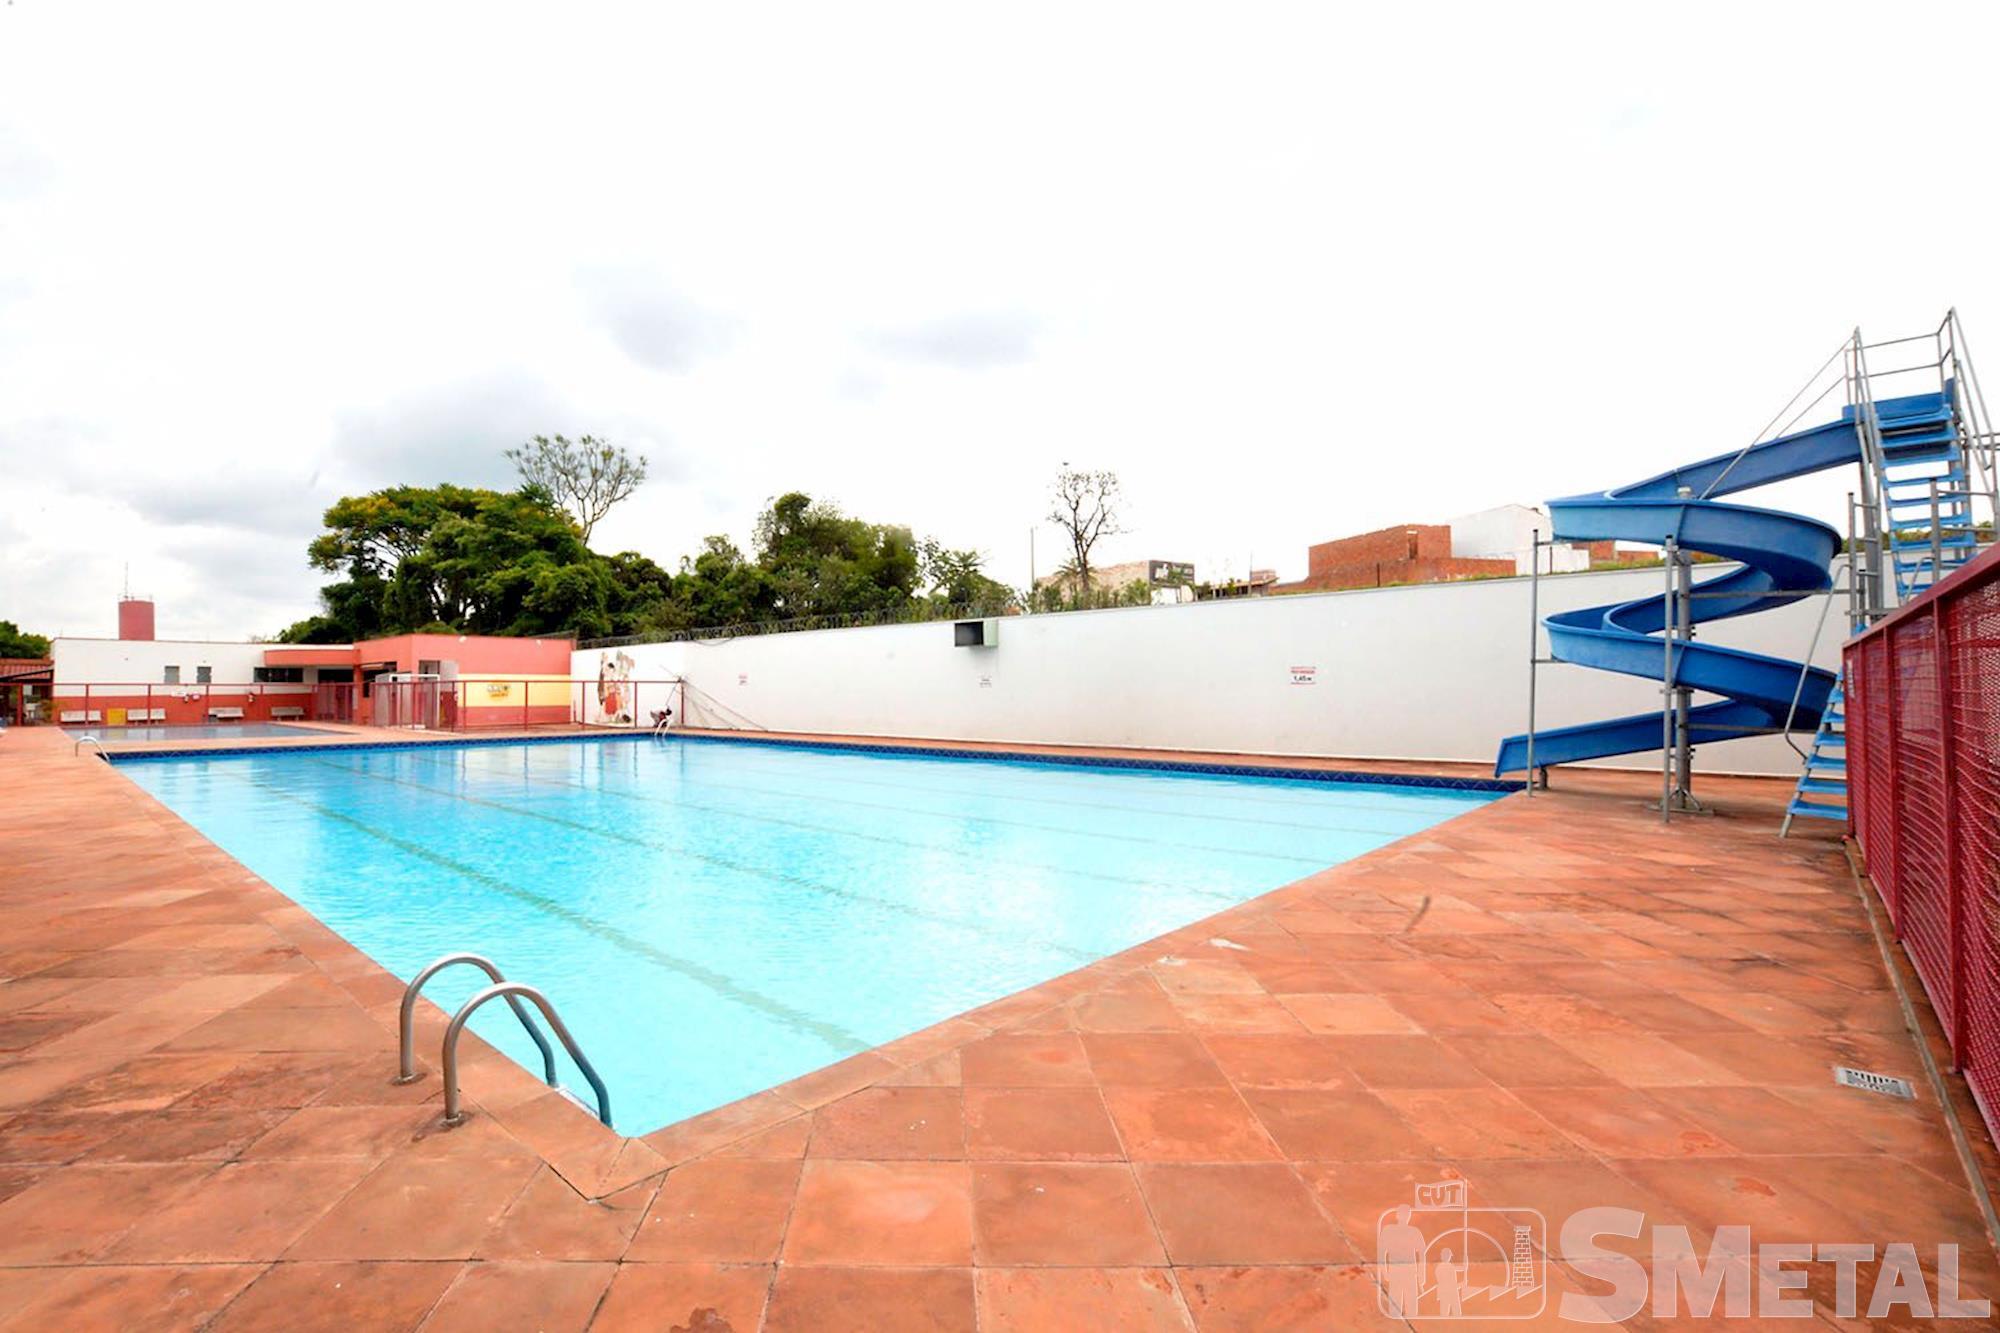 São três piscinas (adulto,  infantil e para bebês)., Foguinho/Imprensa SMetal